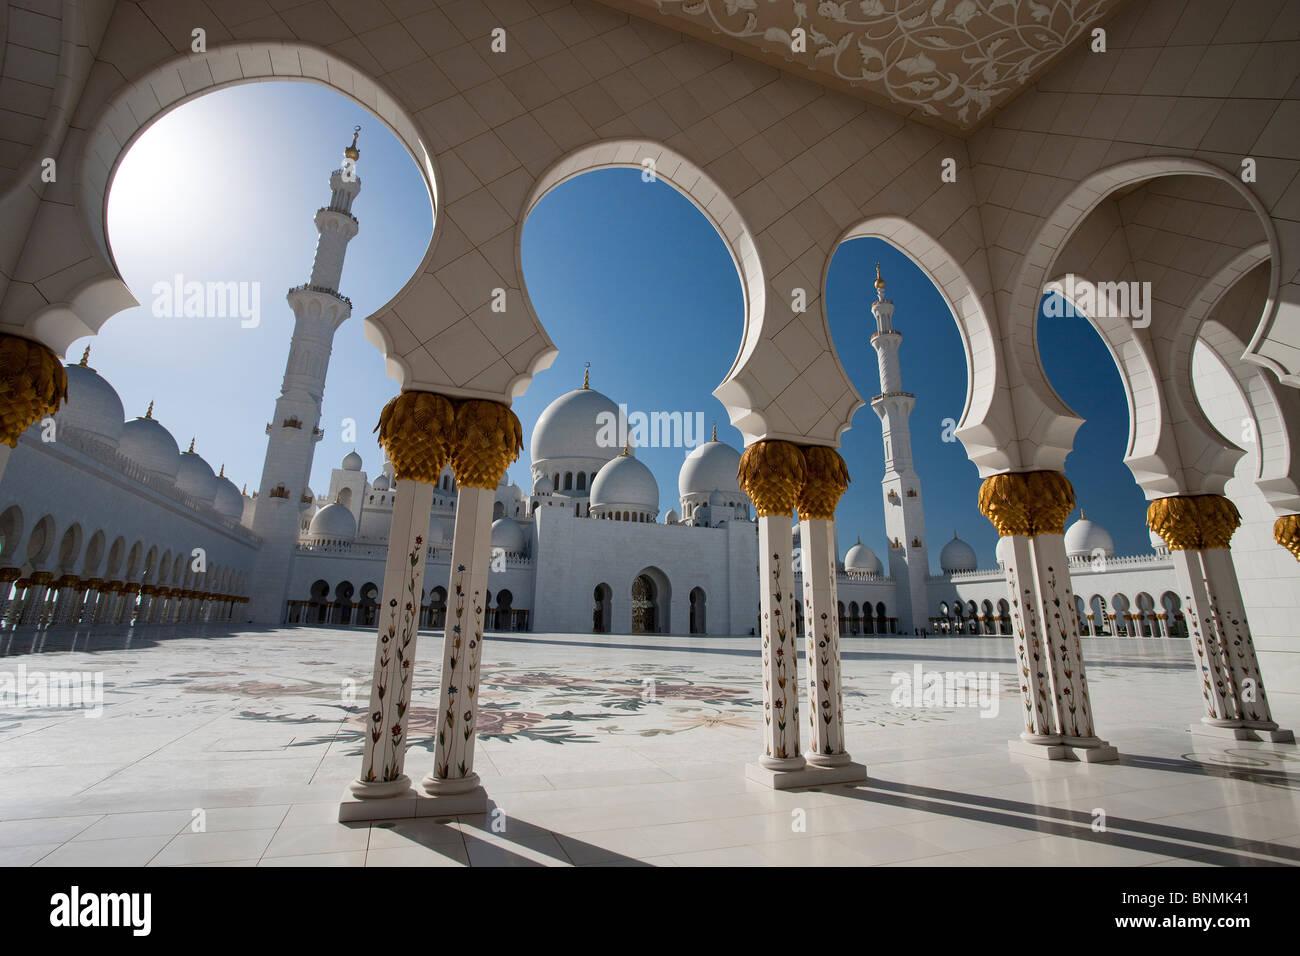 Les dômes de la mosquée Sheikh Zayed tour tour minaret islam religion Mosquée Abu Dhabi UAE colonnes Photo Stock